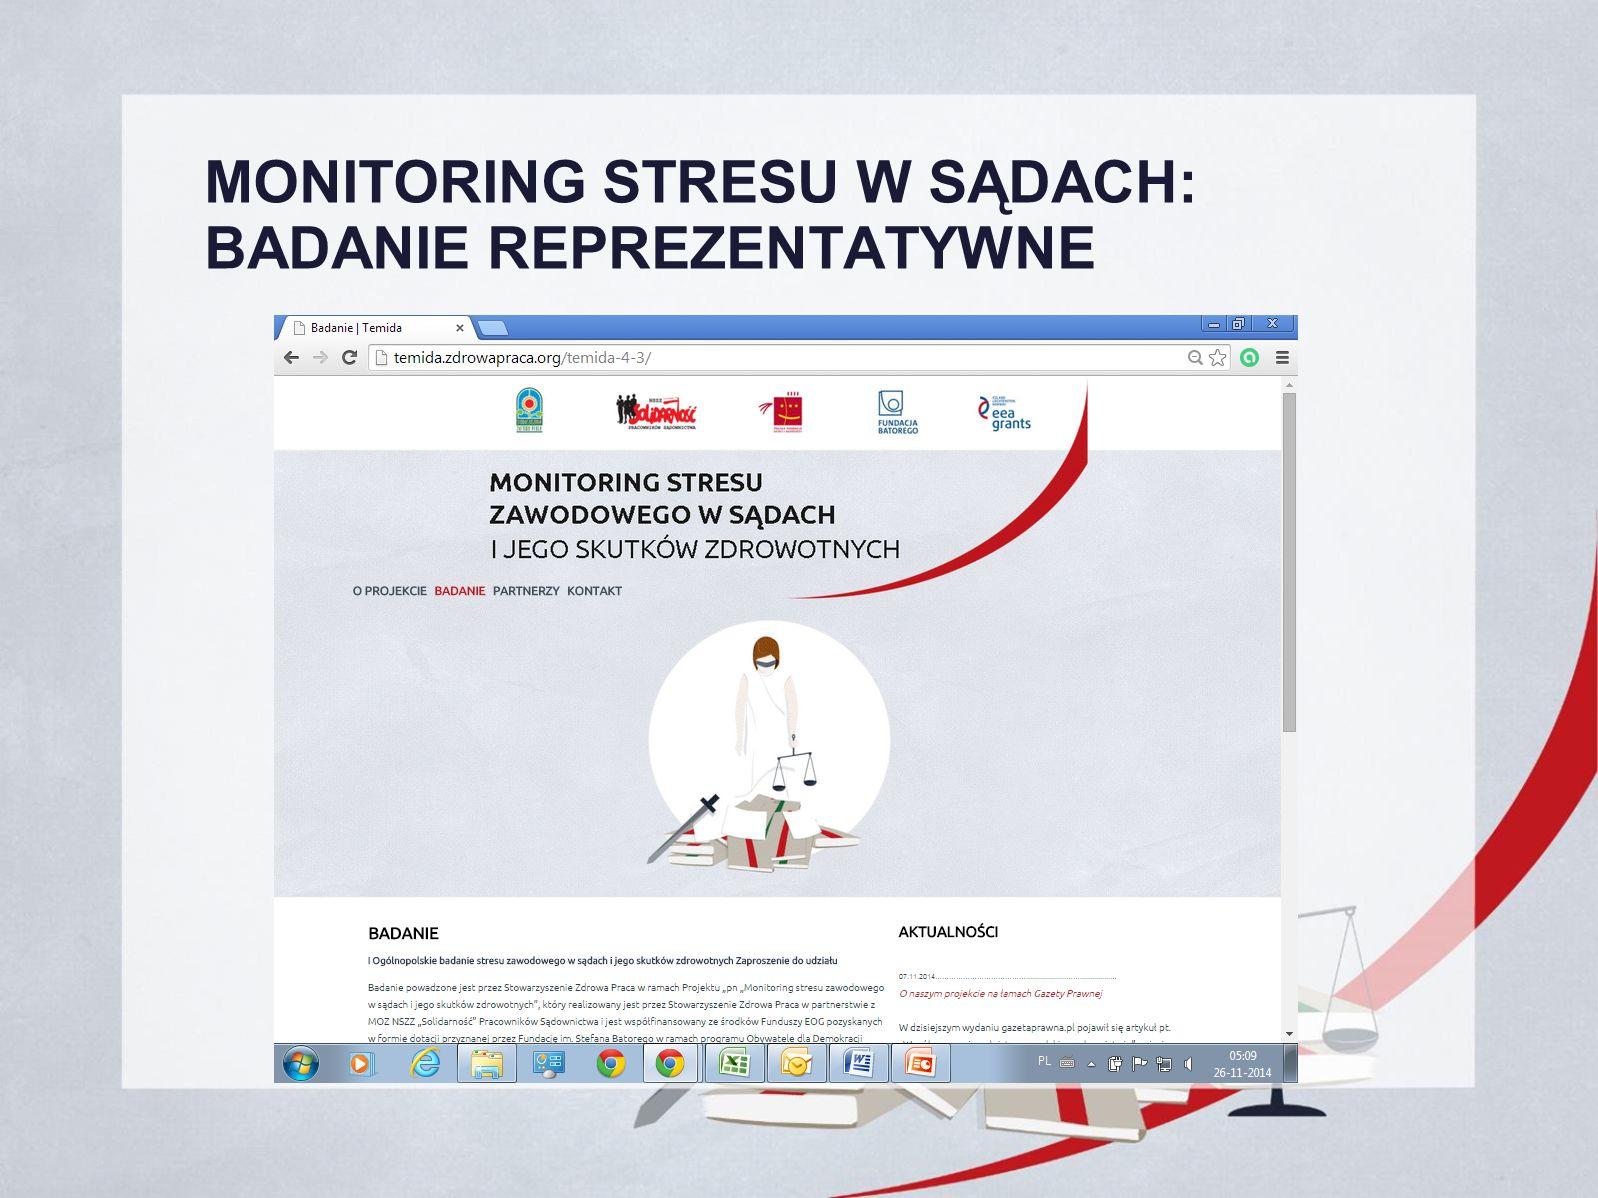 MONITORING STRESU W SĄDACH: BADANIE REPREZENTATYWNE